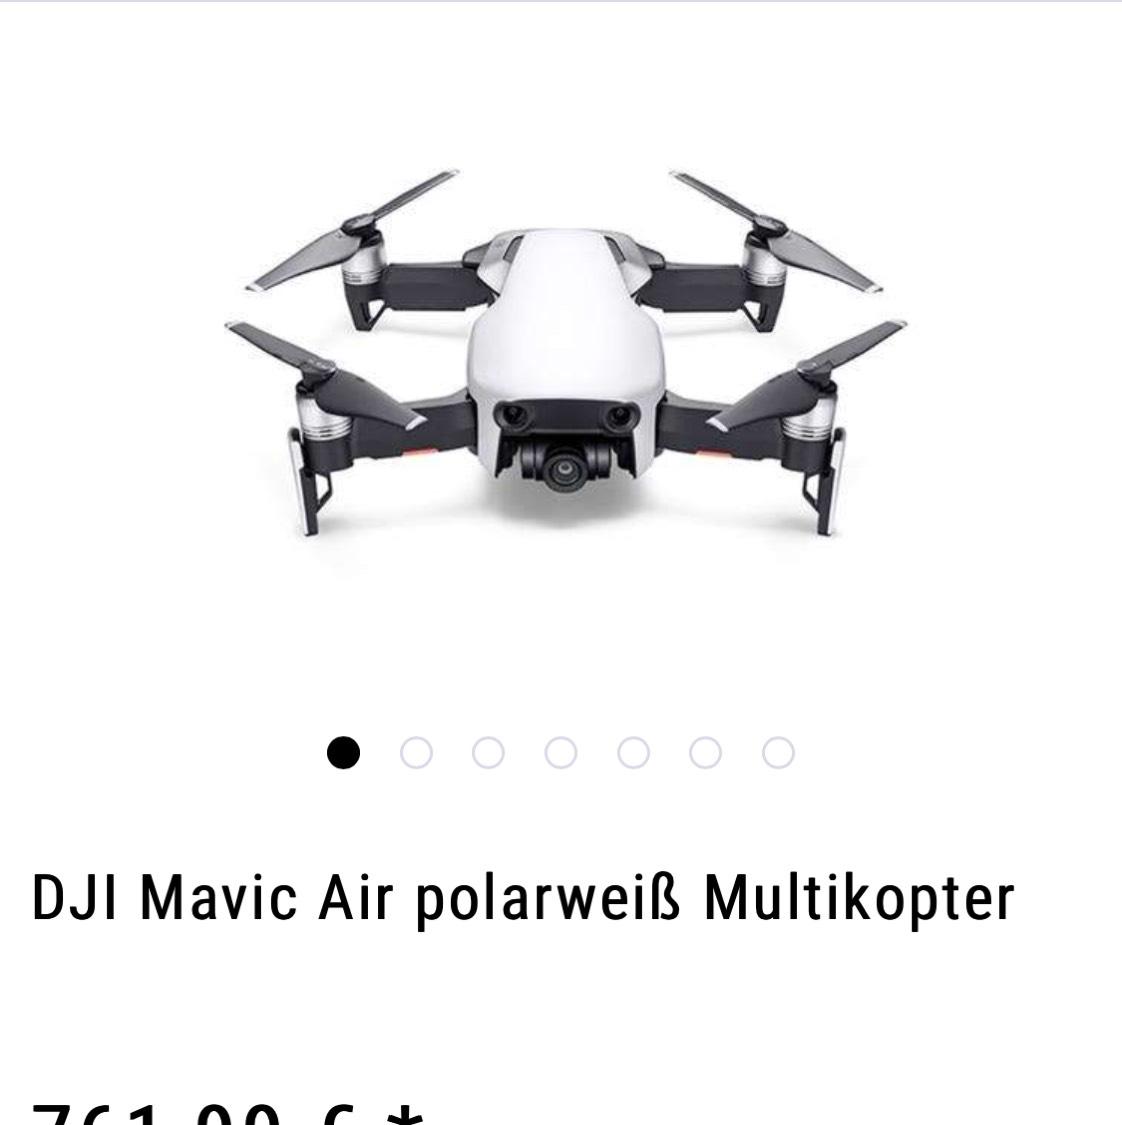 Dji Mavic Air im deutschen Shop für 88€ unter Listenpreis